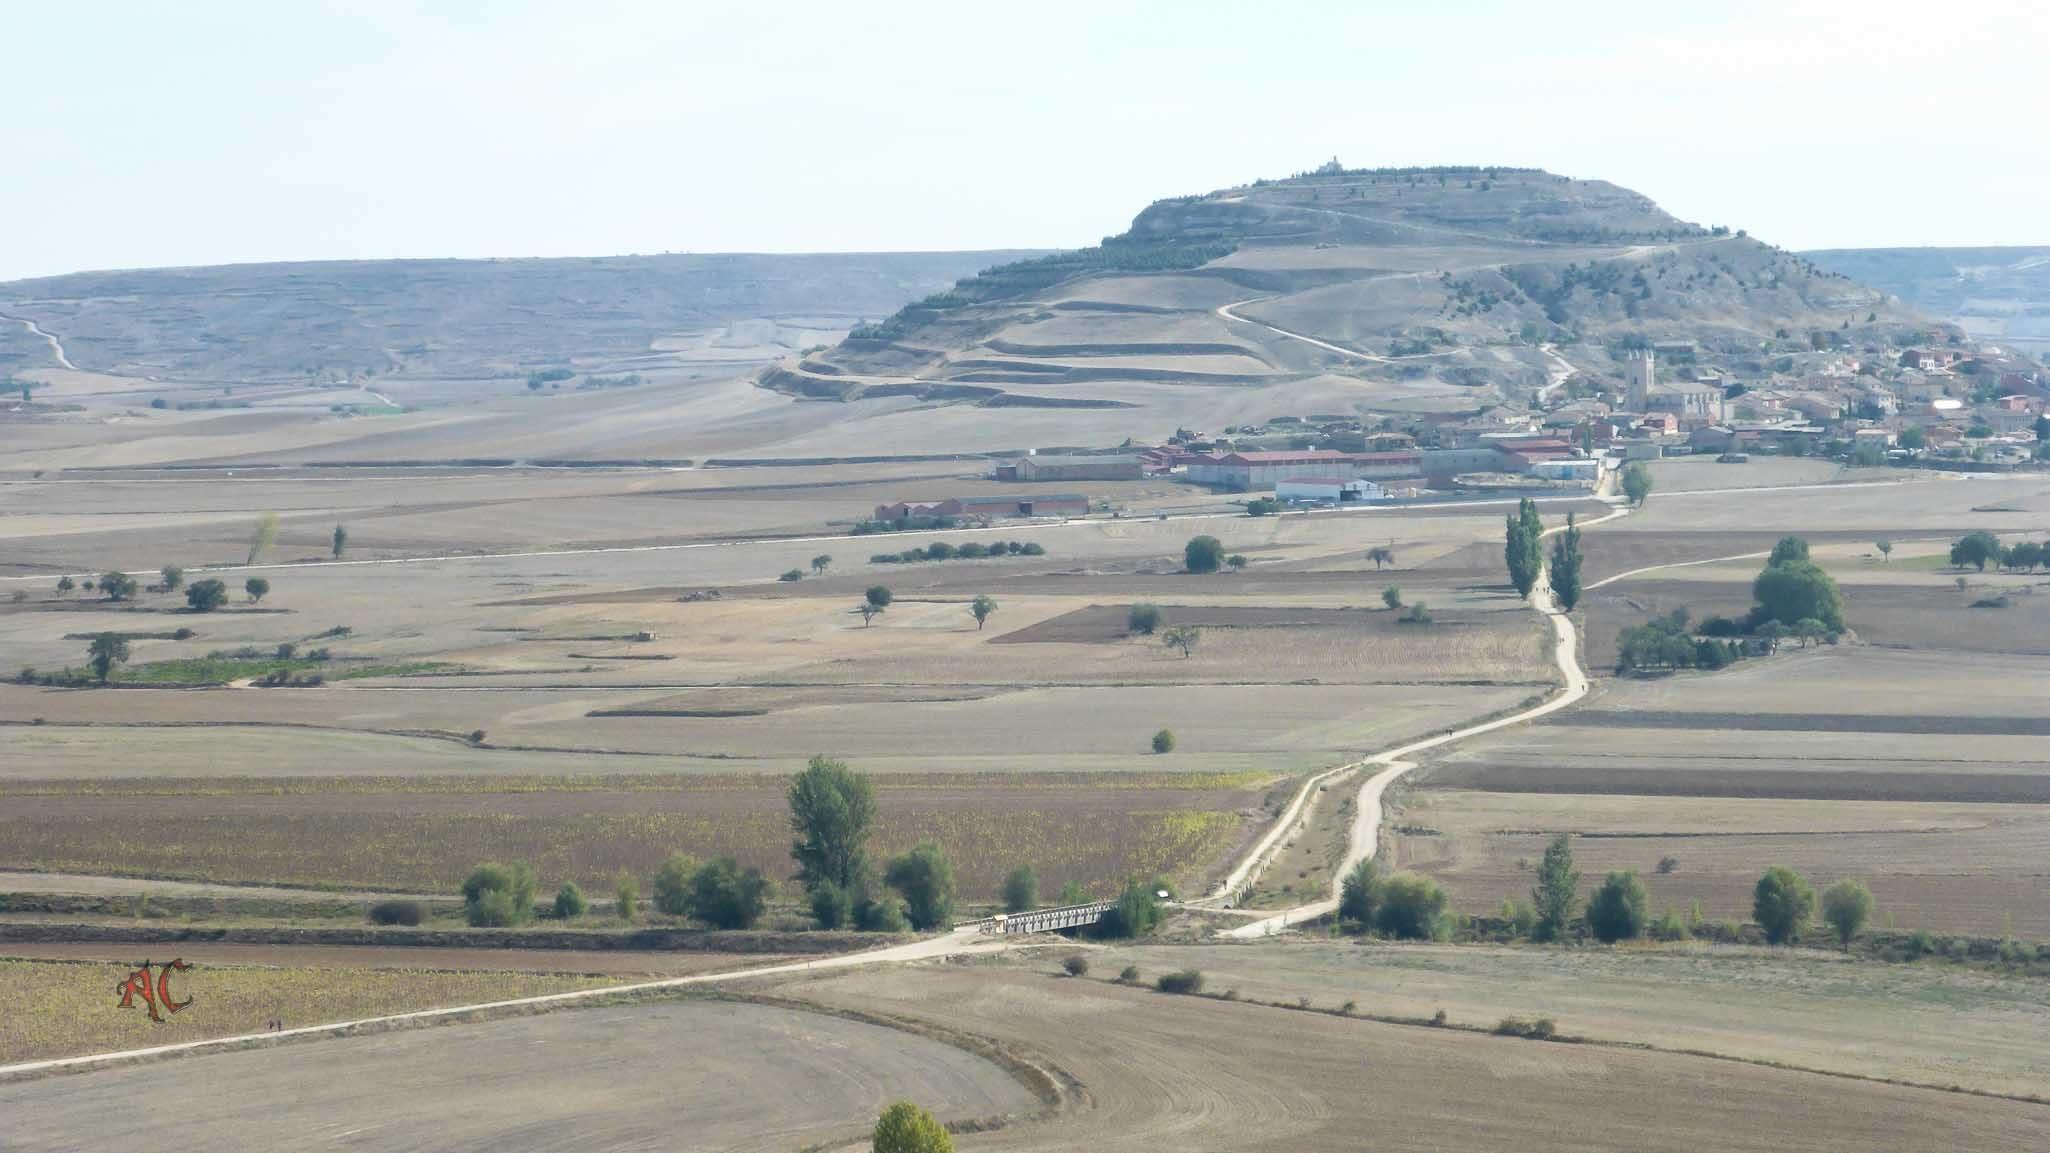 Vista del camino con Castrojeriz al fondo